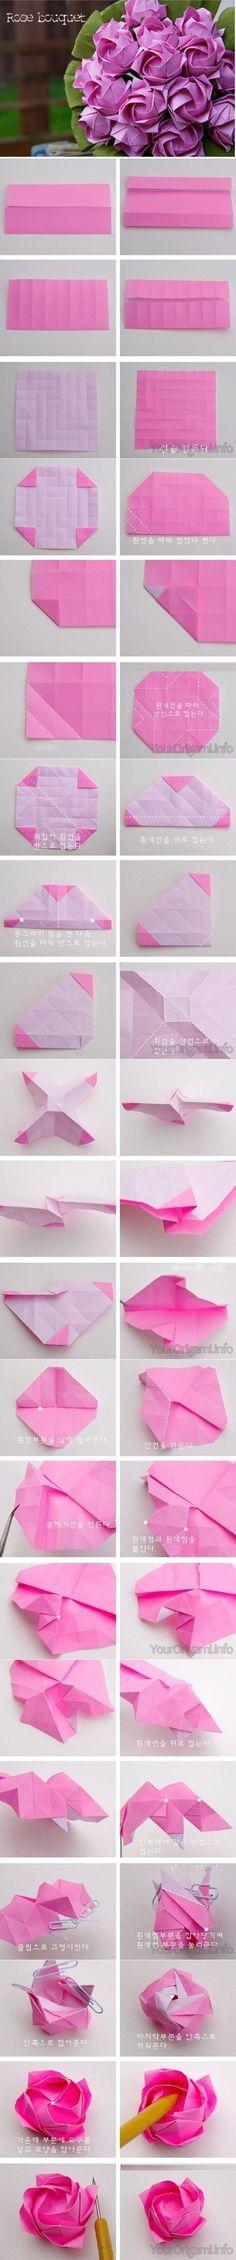 折り紙を楽しむ!子供と一緒にできるセンス溢れる作品7選♫